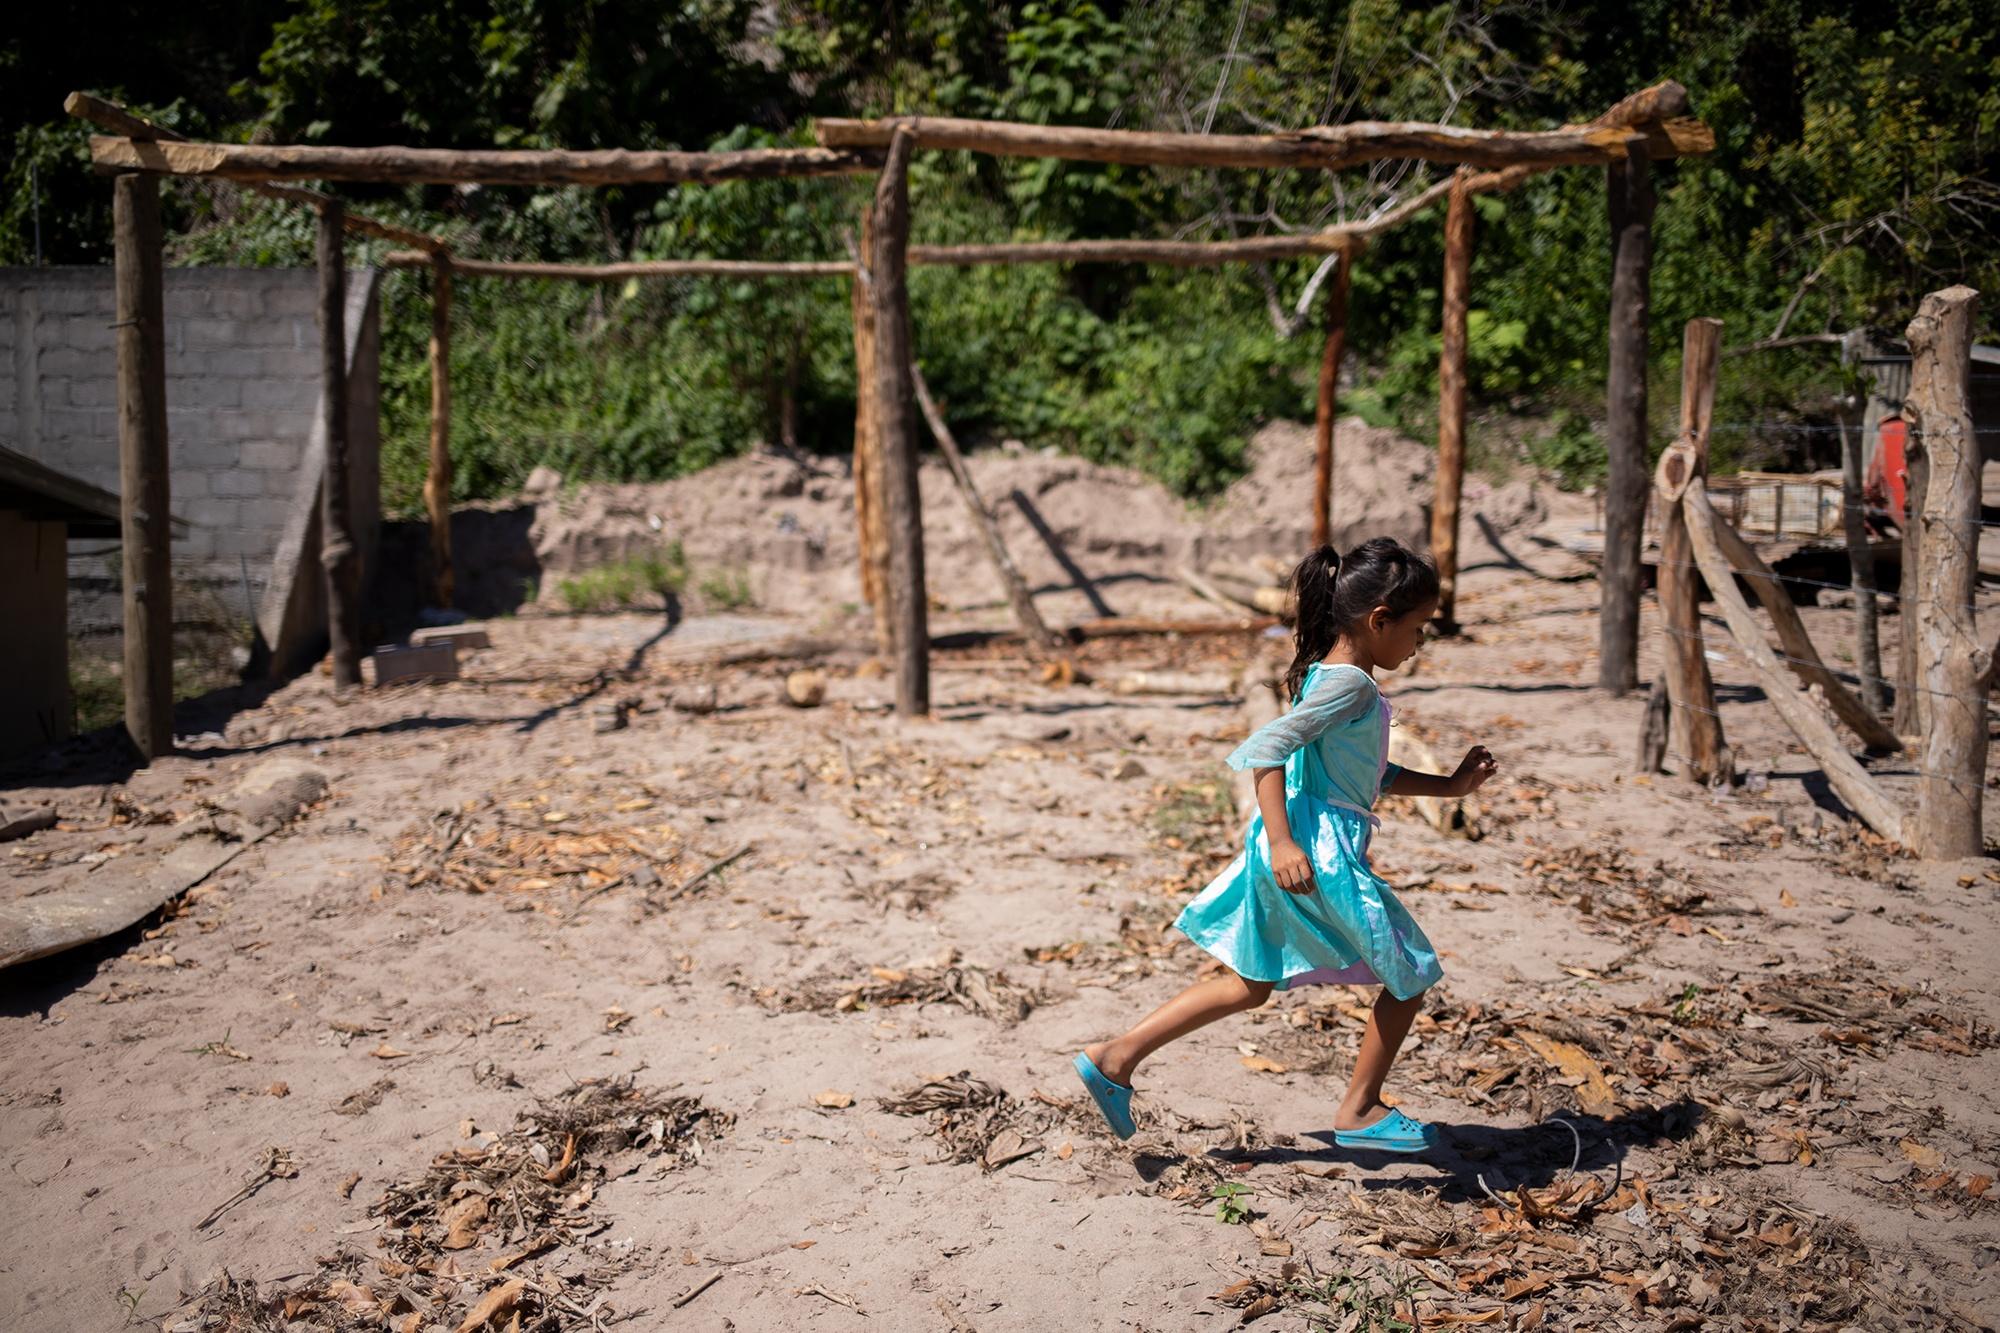 Ashley de 8 años, hija de Mary, corre frente a donde su familia reconstruye su hogar, luego de perderlo soterrado por las inundaciones provocadas por las tormentas Eta e Iota, que provocaron la crecida del río Ulúa a su paso por la comunidad de Brisas del Ulúa. Chinda, Santa Bárbara, 27 de enero de 2021. Foto: Martín Cálix.